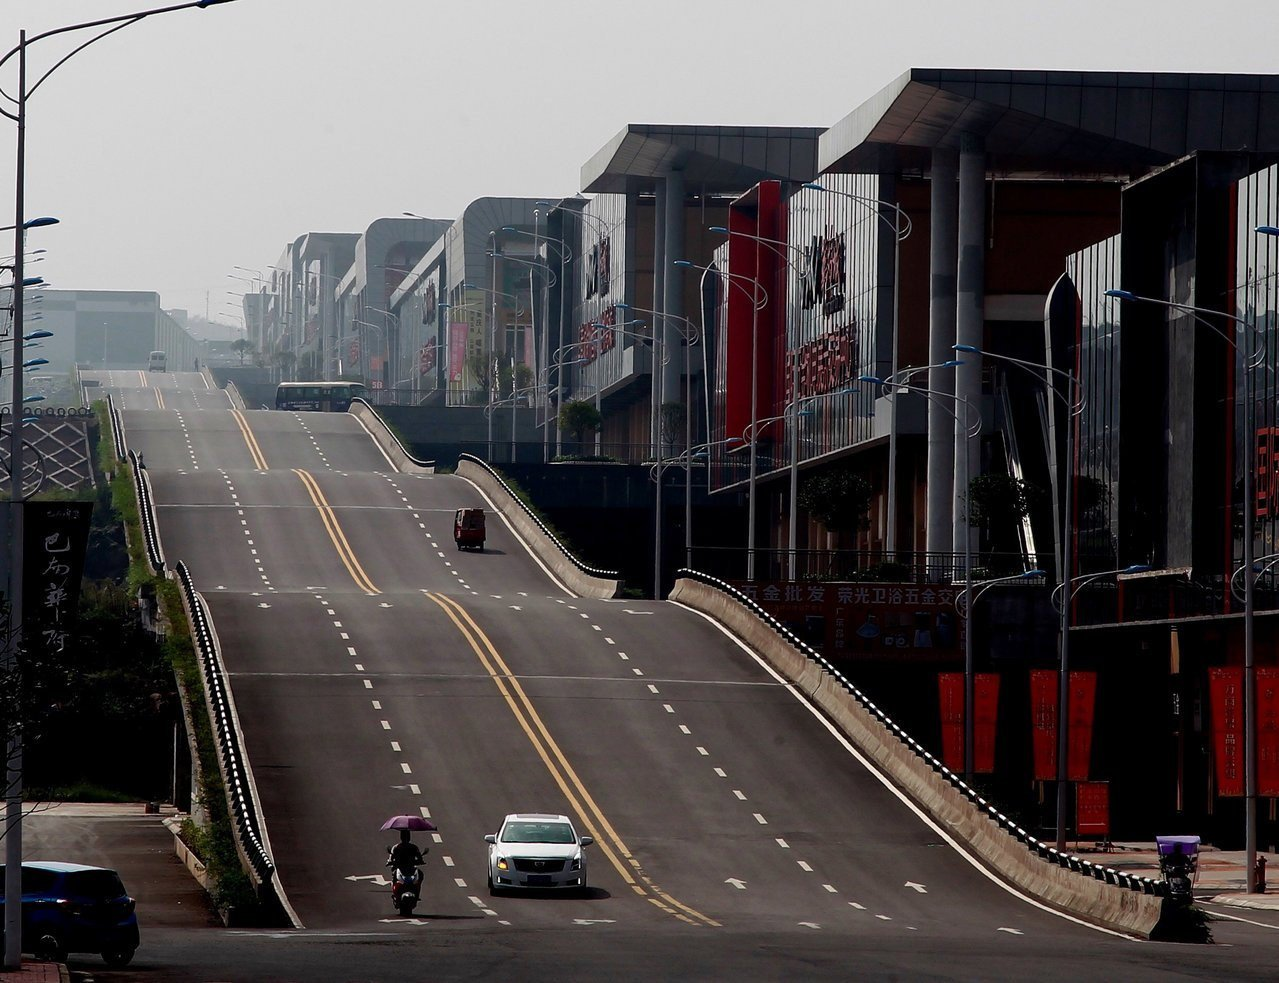 重慶波浪形公路讓許多網友蔚為奇觀 圖片來源/路透社